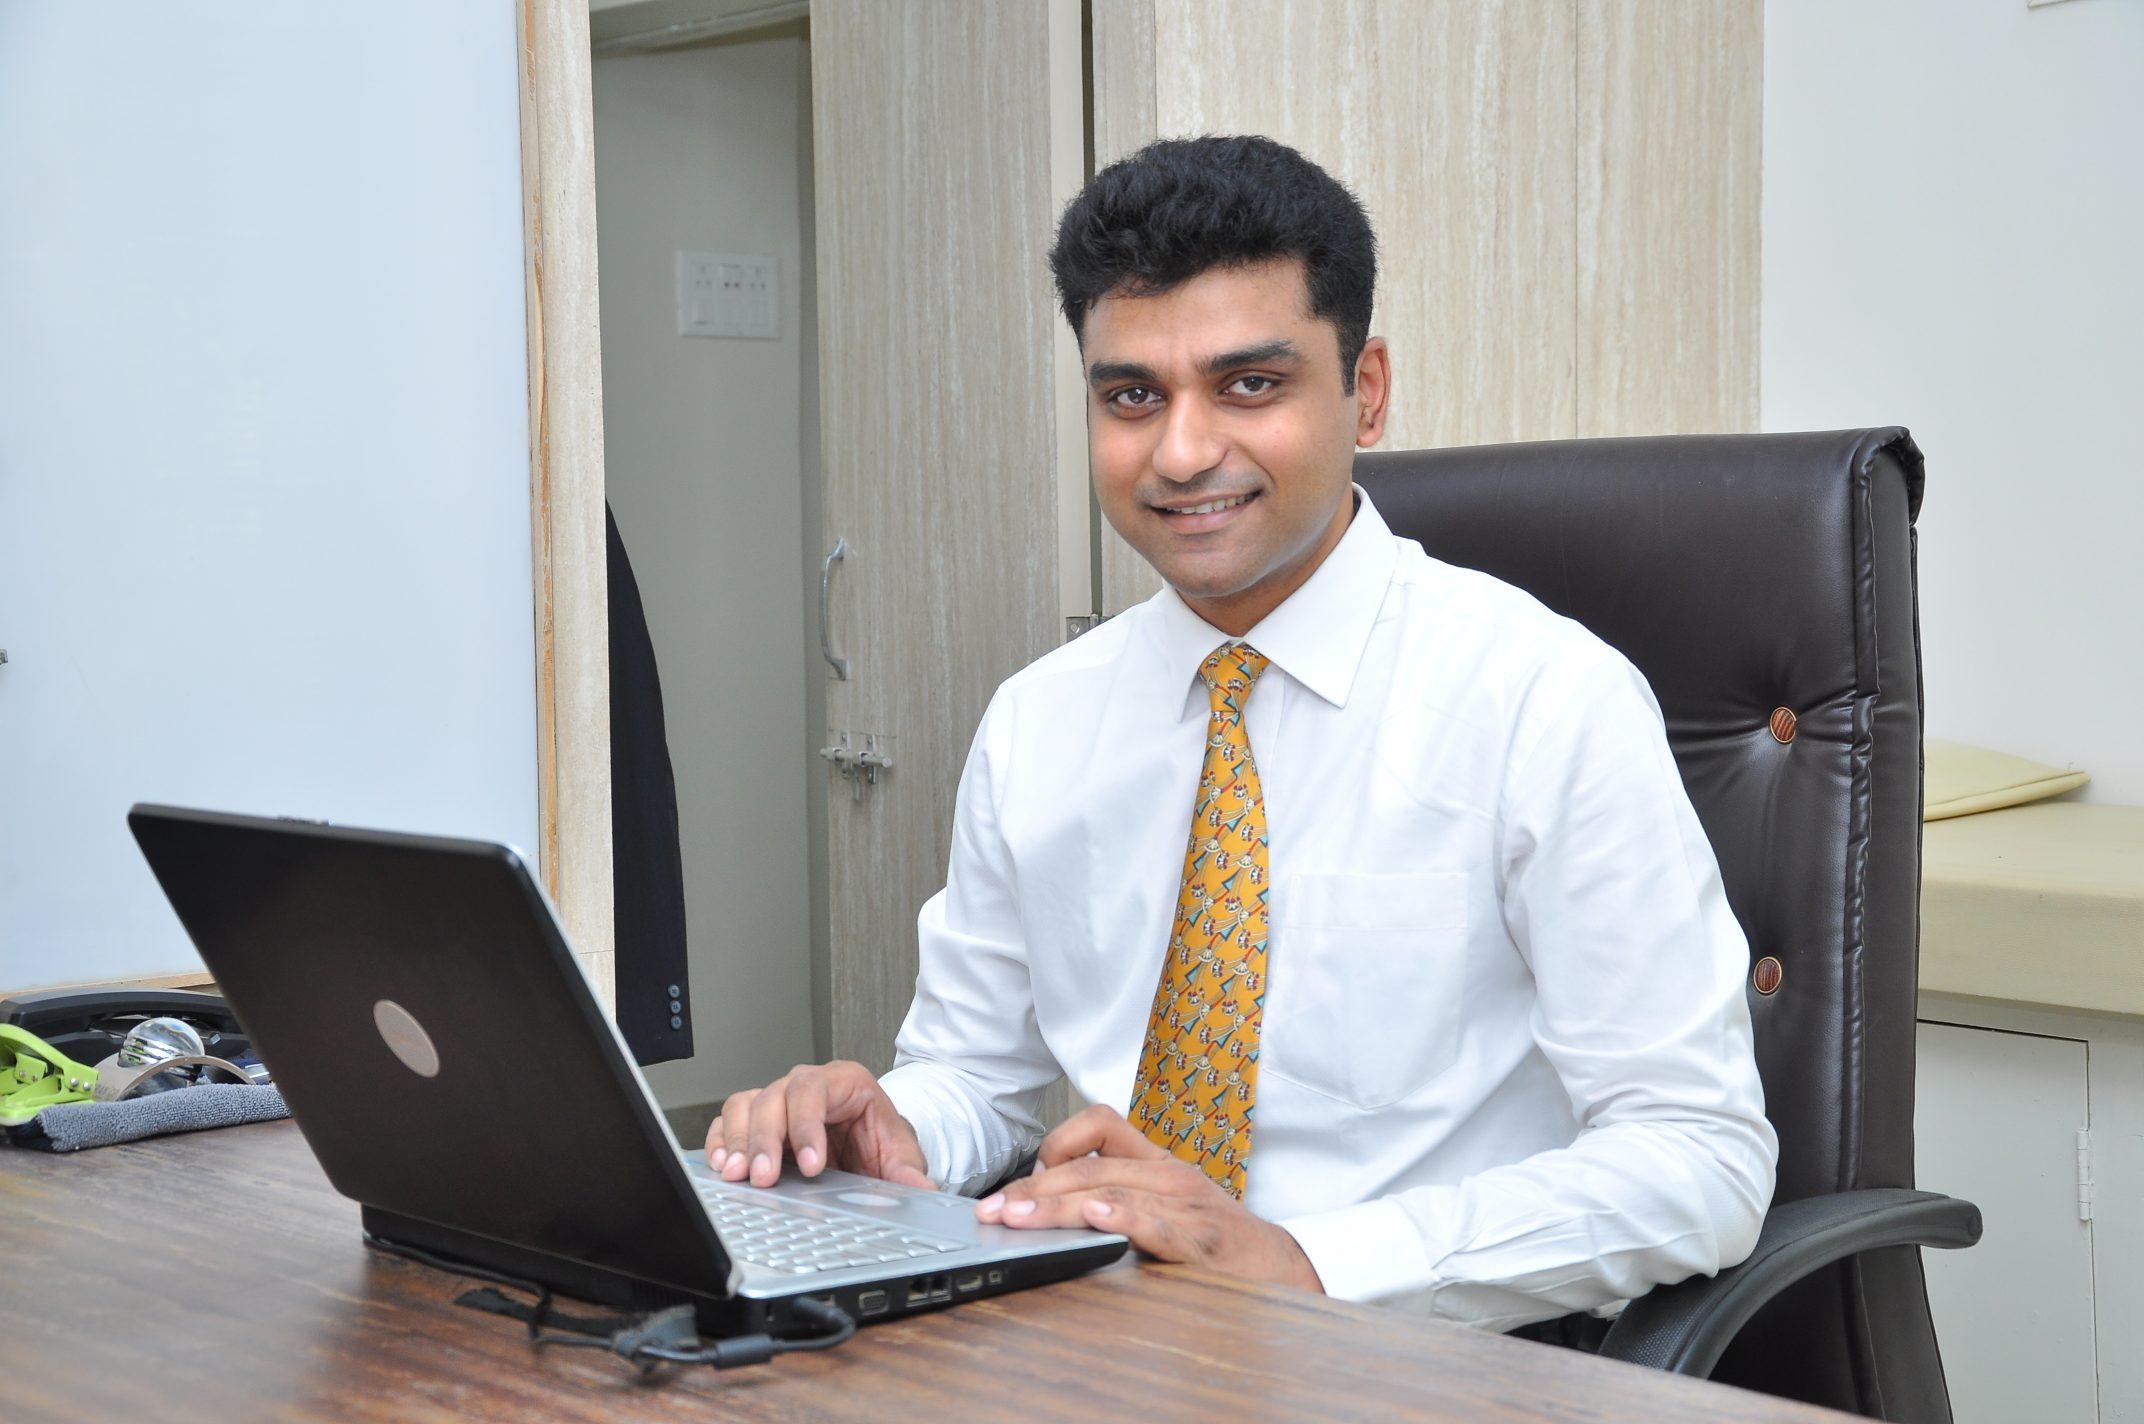 Dr. Vikram U. Deshmukh